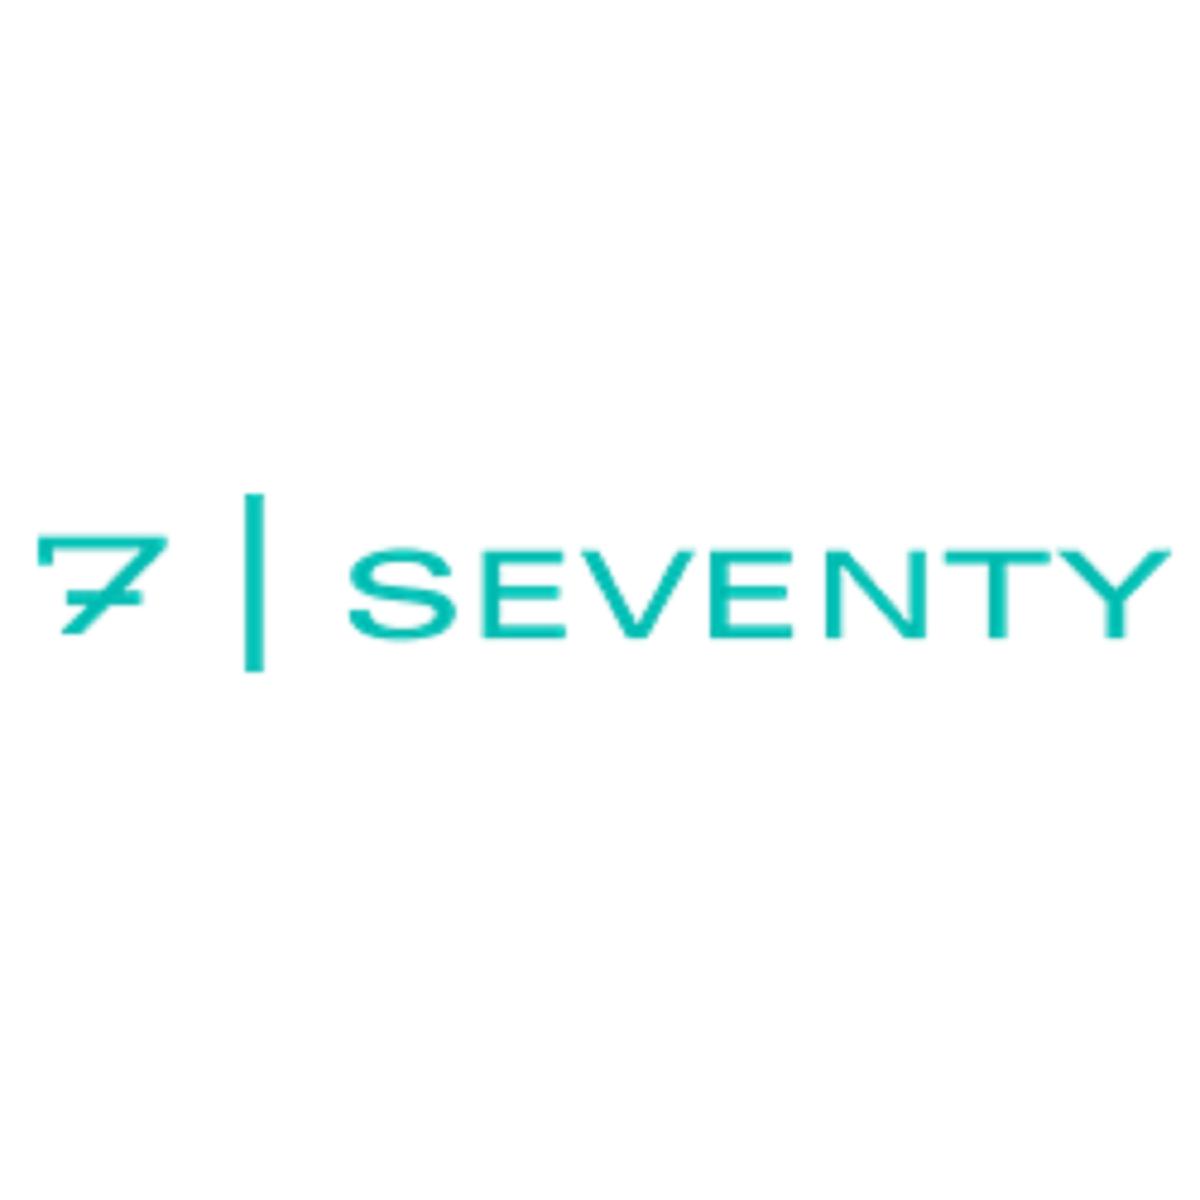 7Seventy Apartments in Houston's Energy Corridor